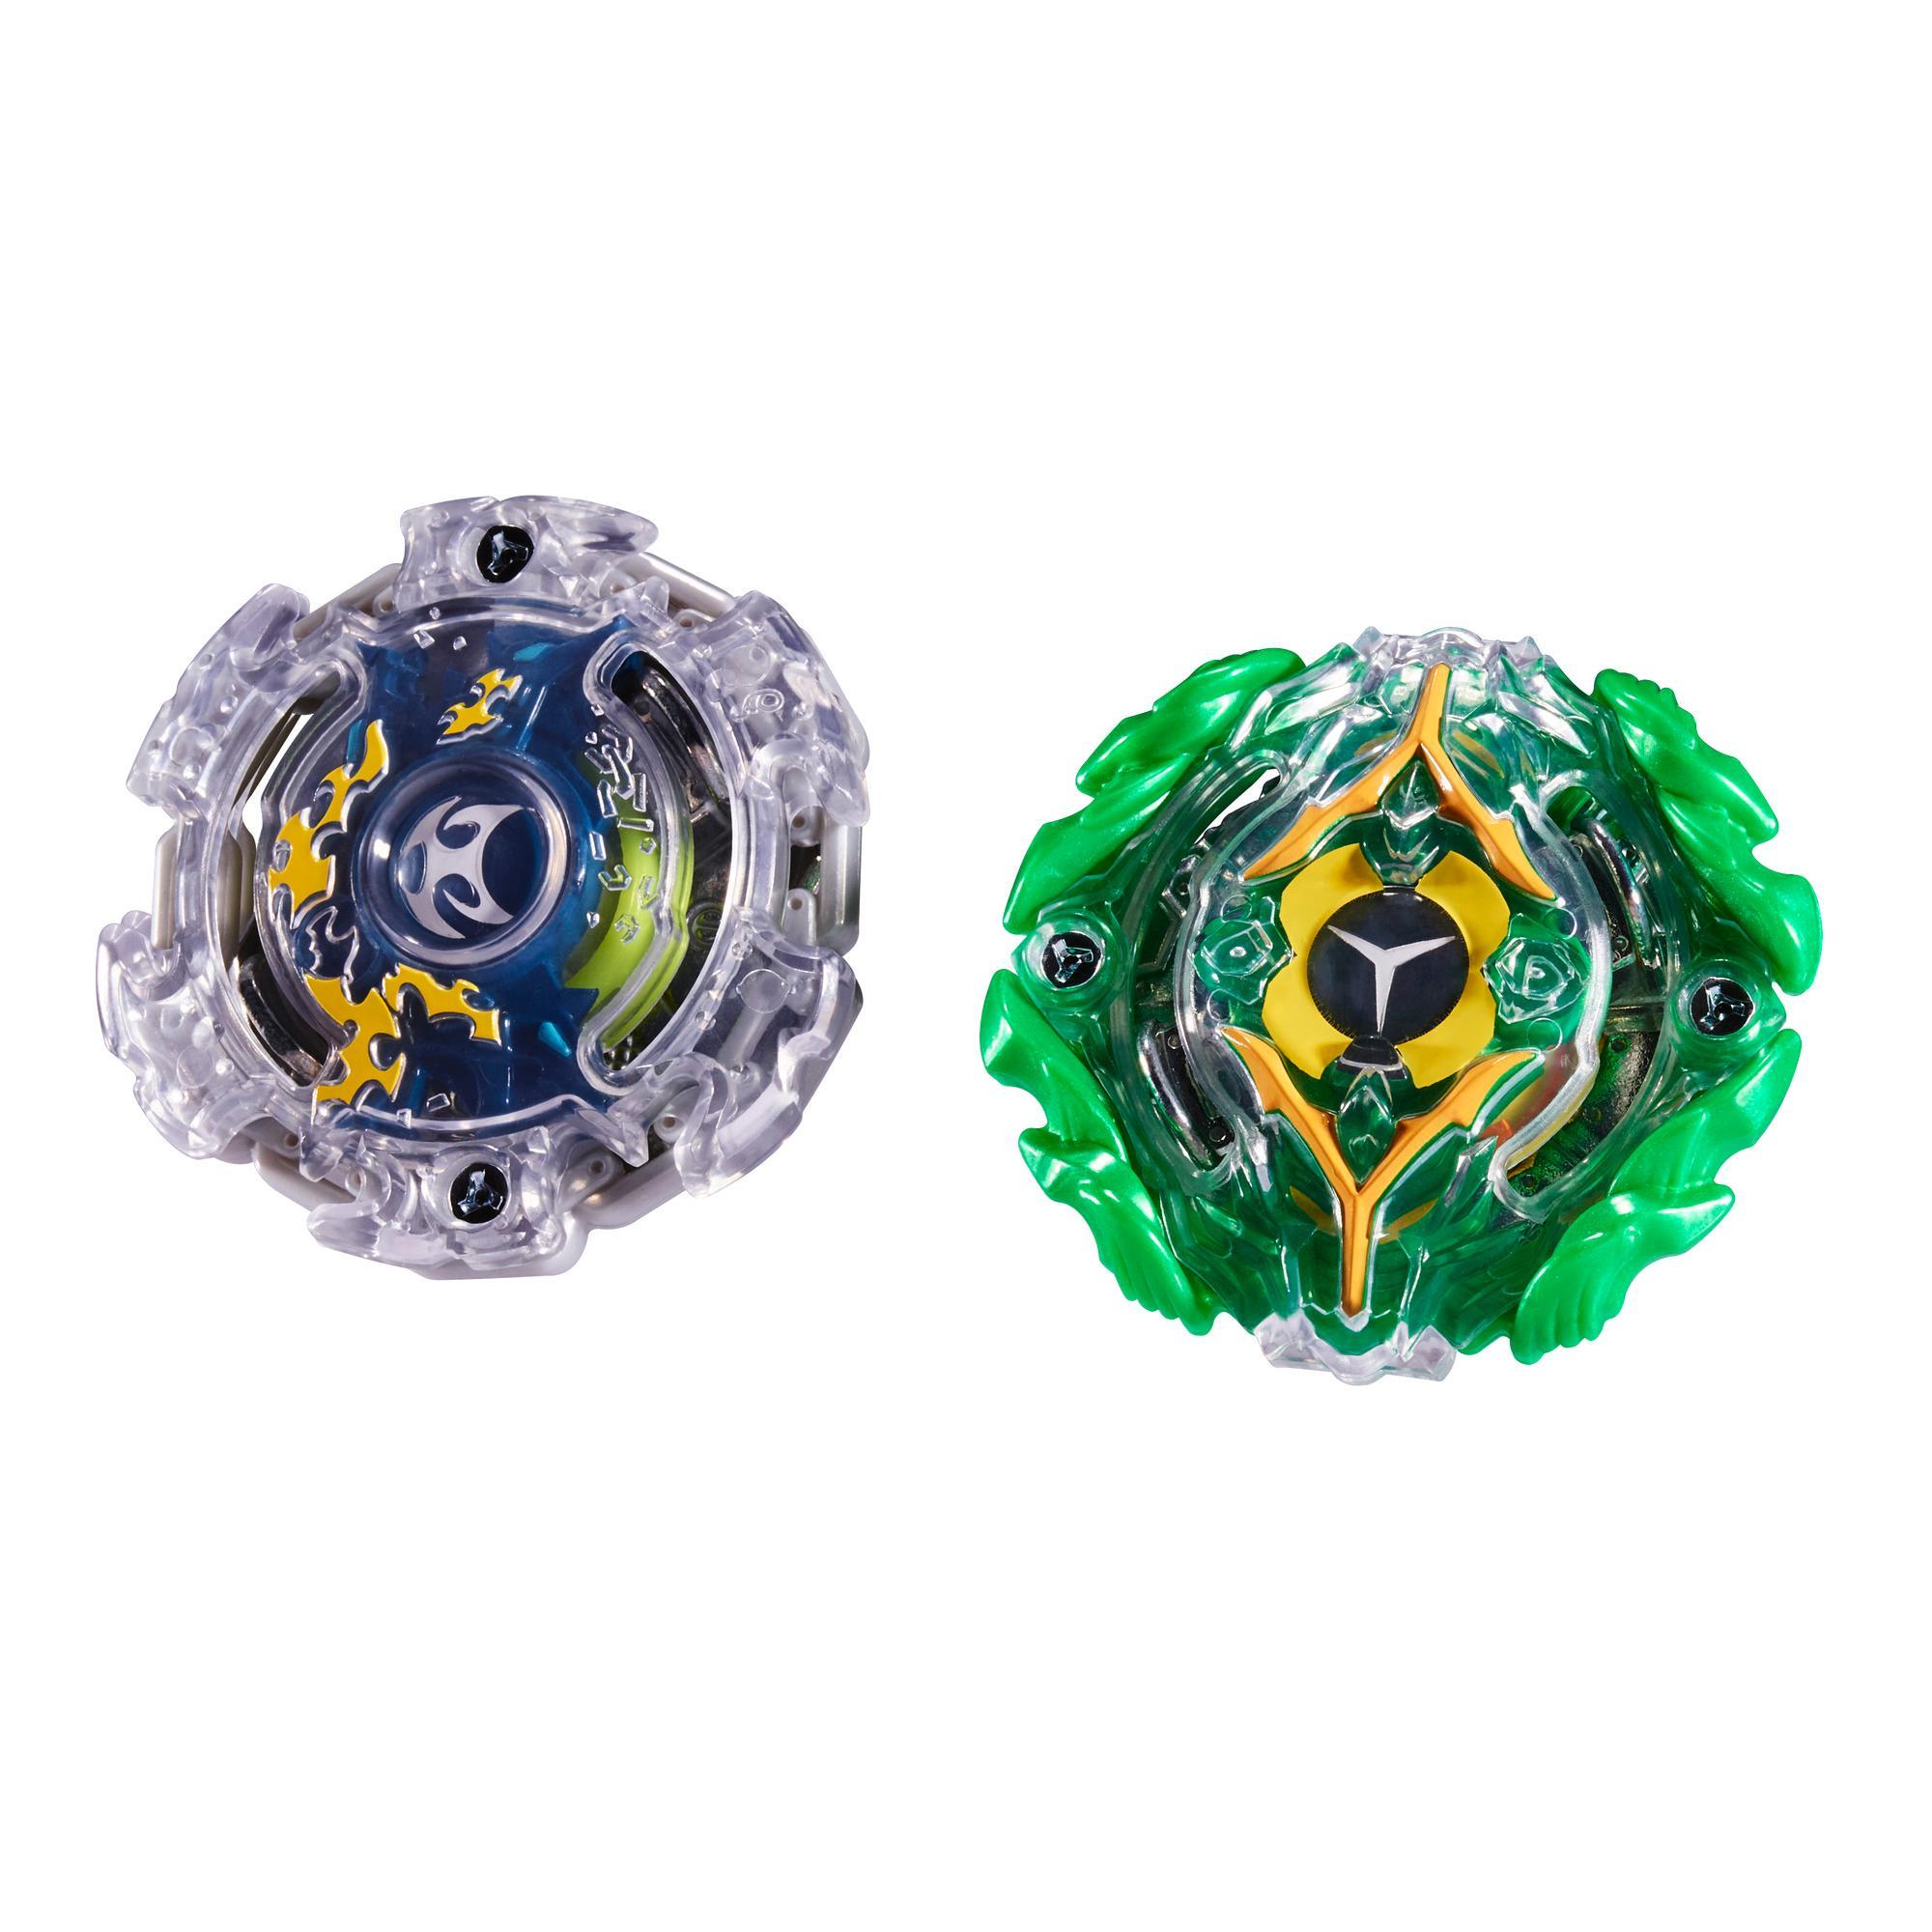 Beyblade Burst Dual Pack Kerbeus K2 & Yegdrion Y2